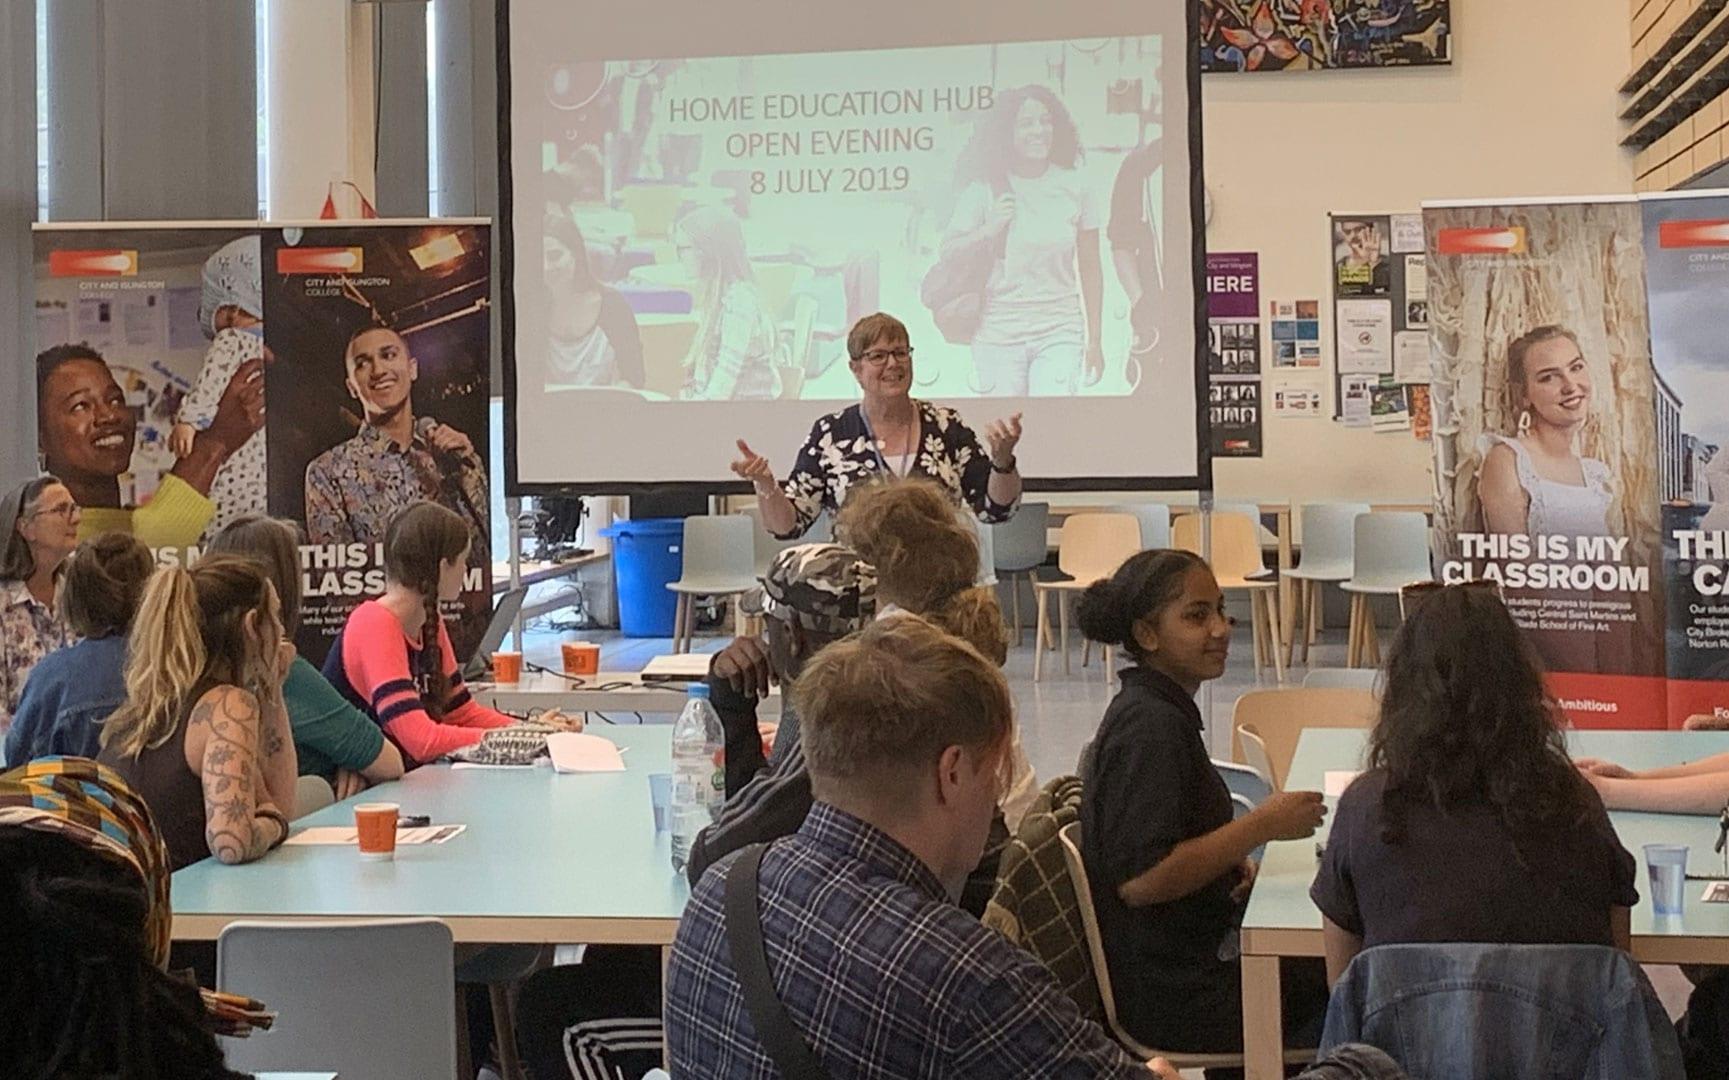 Home Education Hub